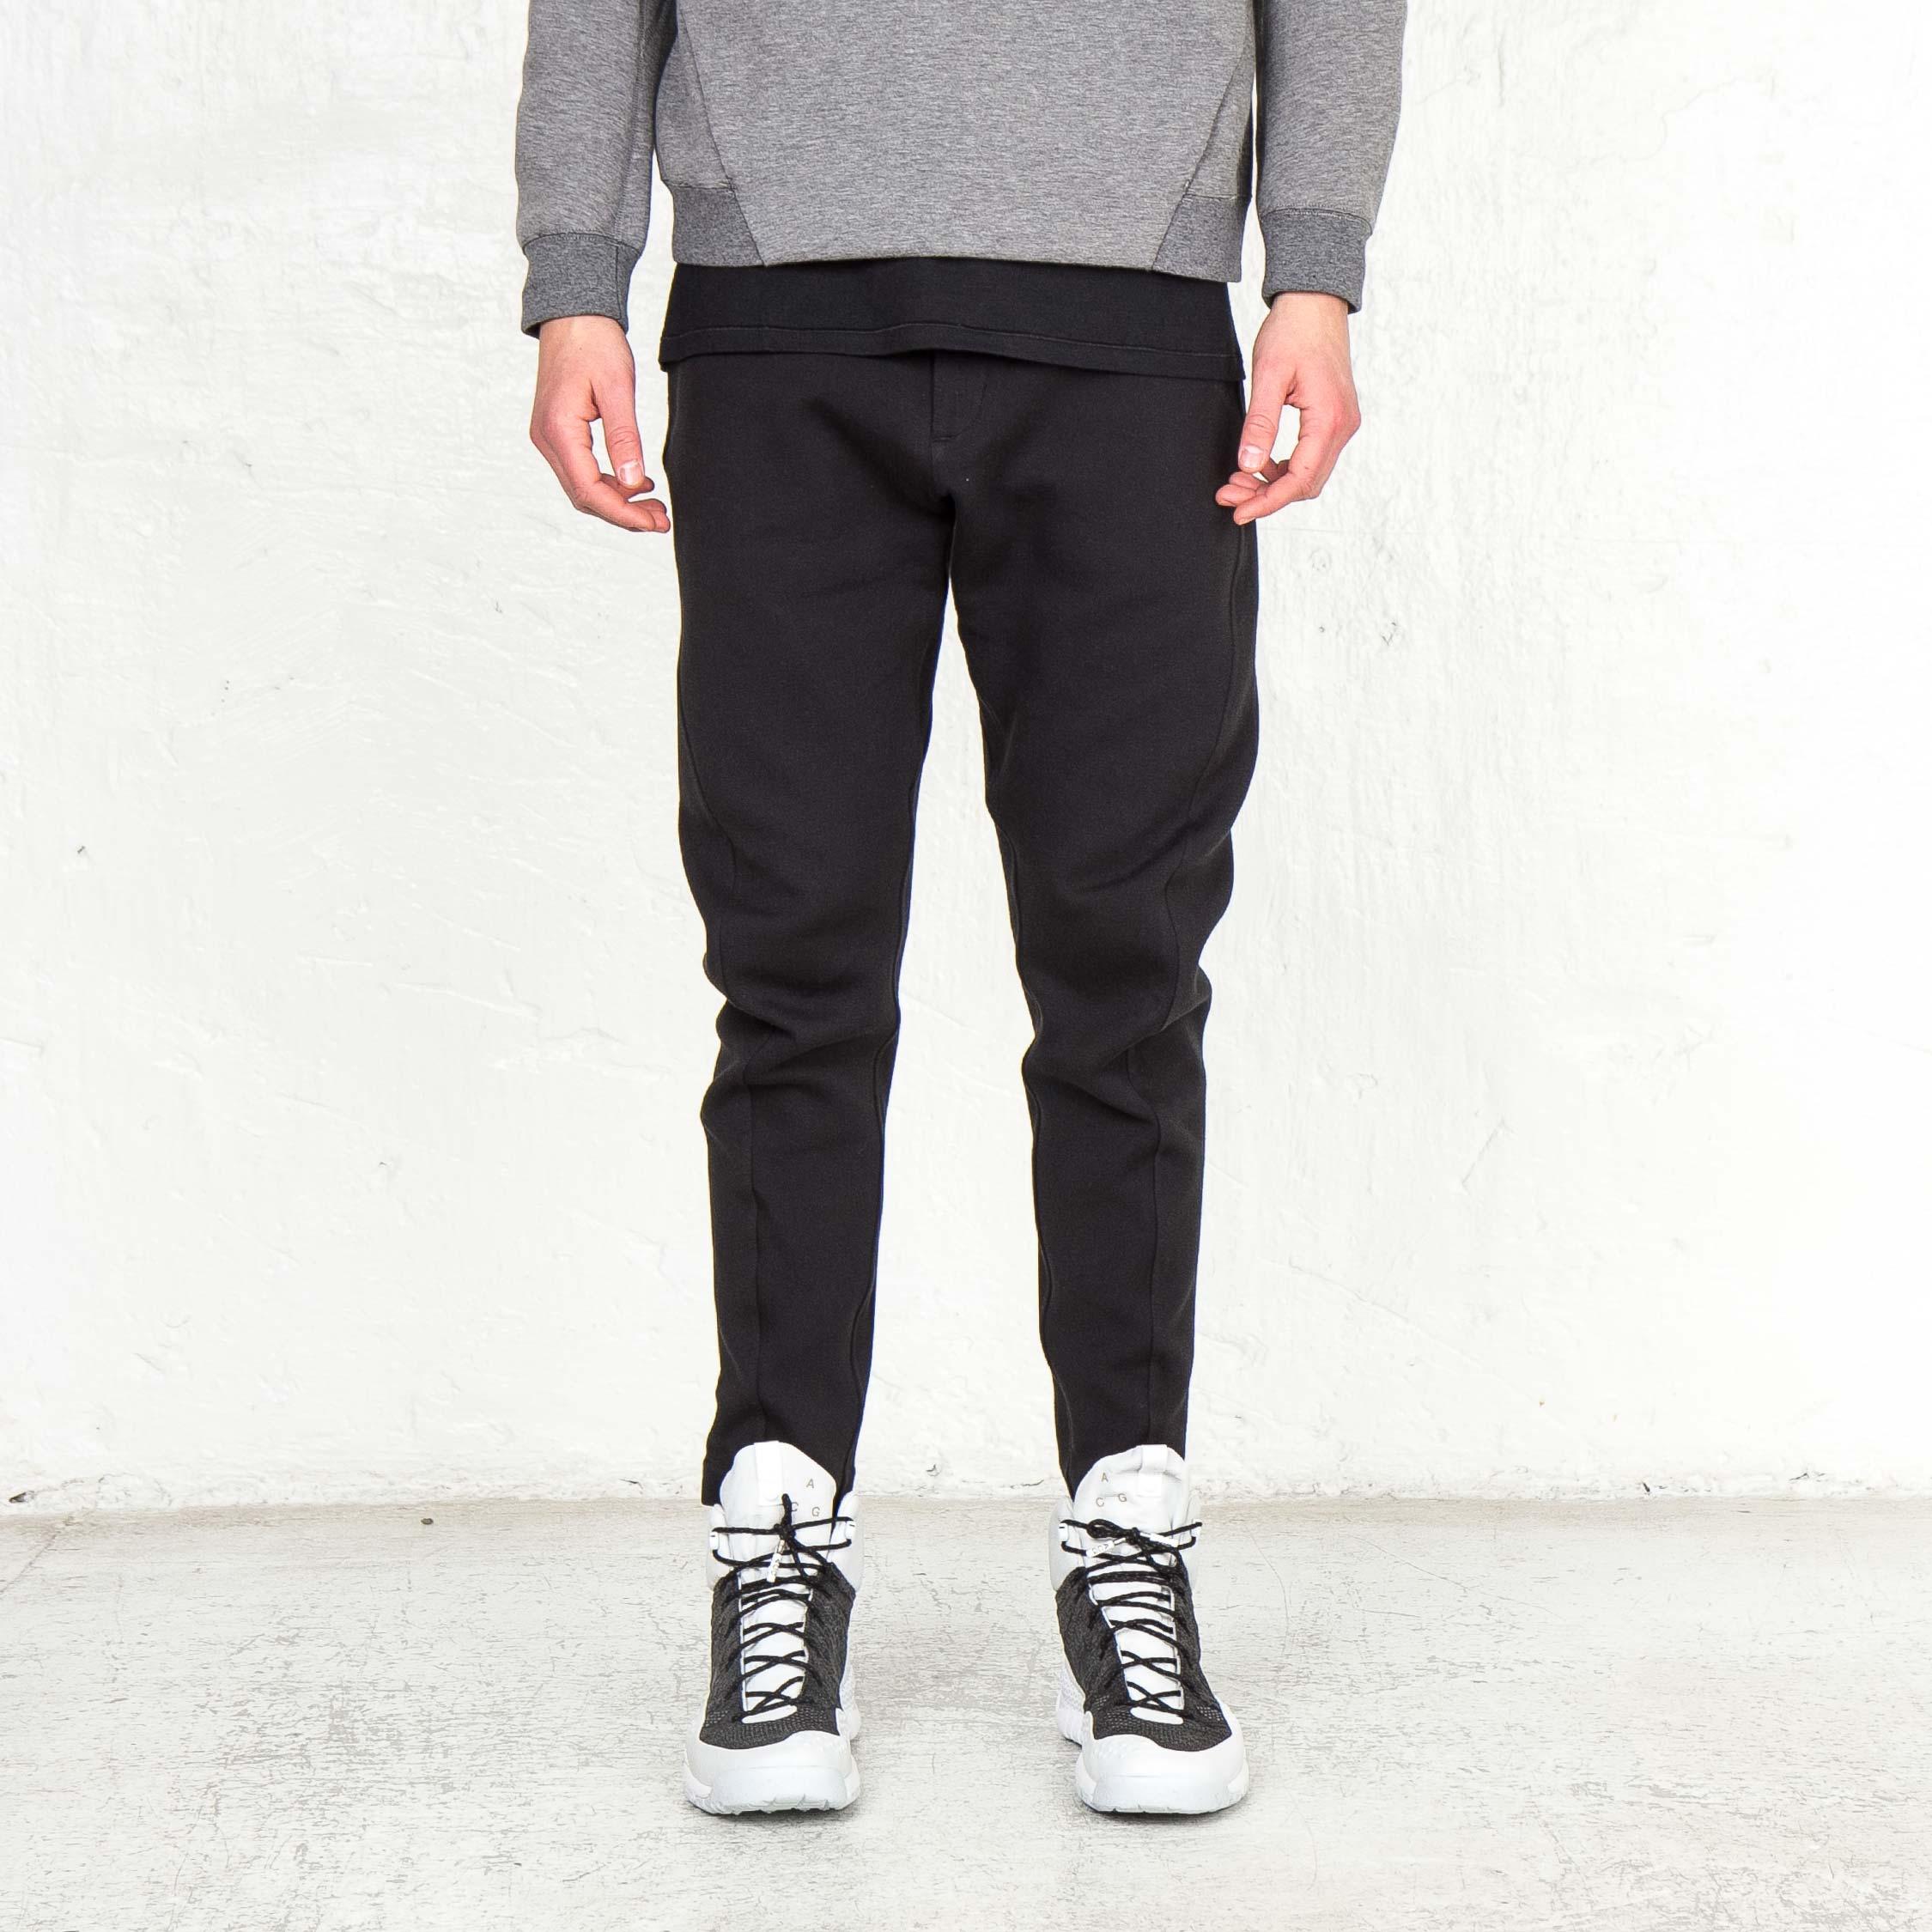 82c3cce315abfd Nike ACG Tech Fleece Pants - 816738-010 - Sneakersnstuff